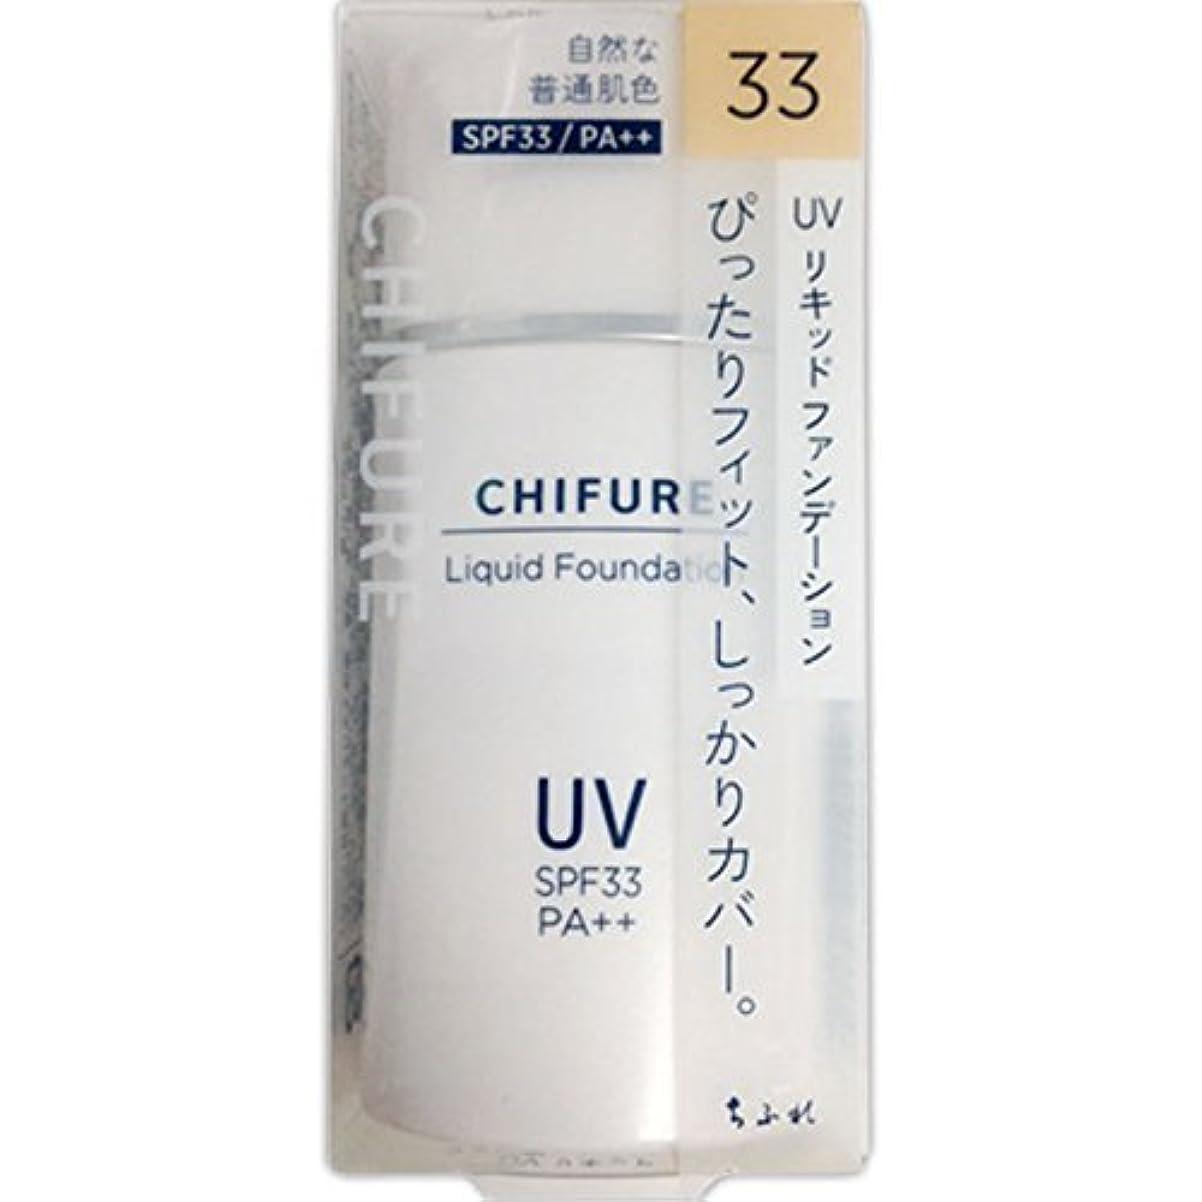 論理的に戦略絡まるちふれ化粧品 UV リキッド ファンデーション 33 自然な普通肌色 30ML